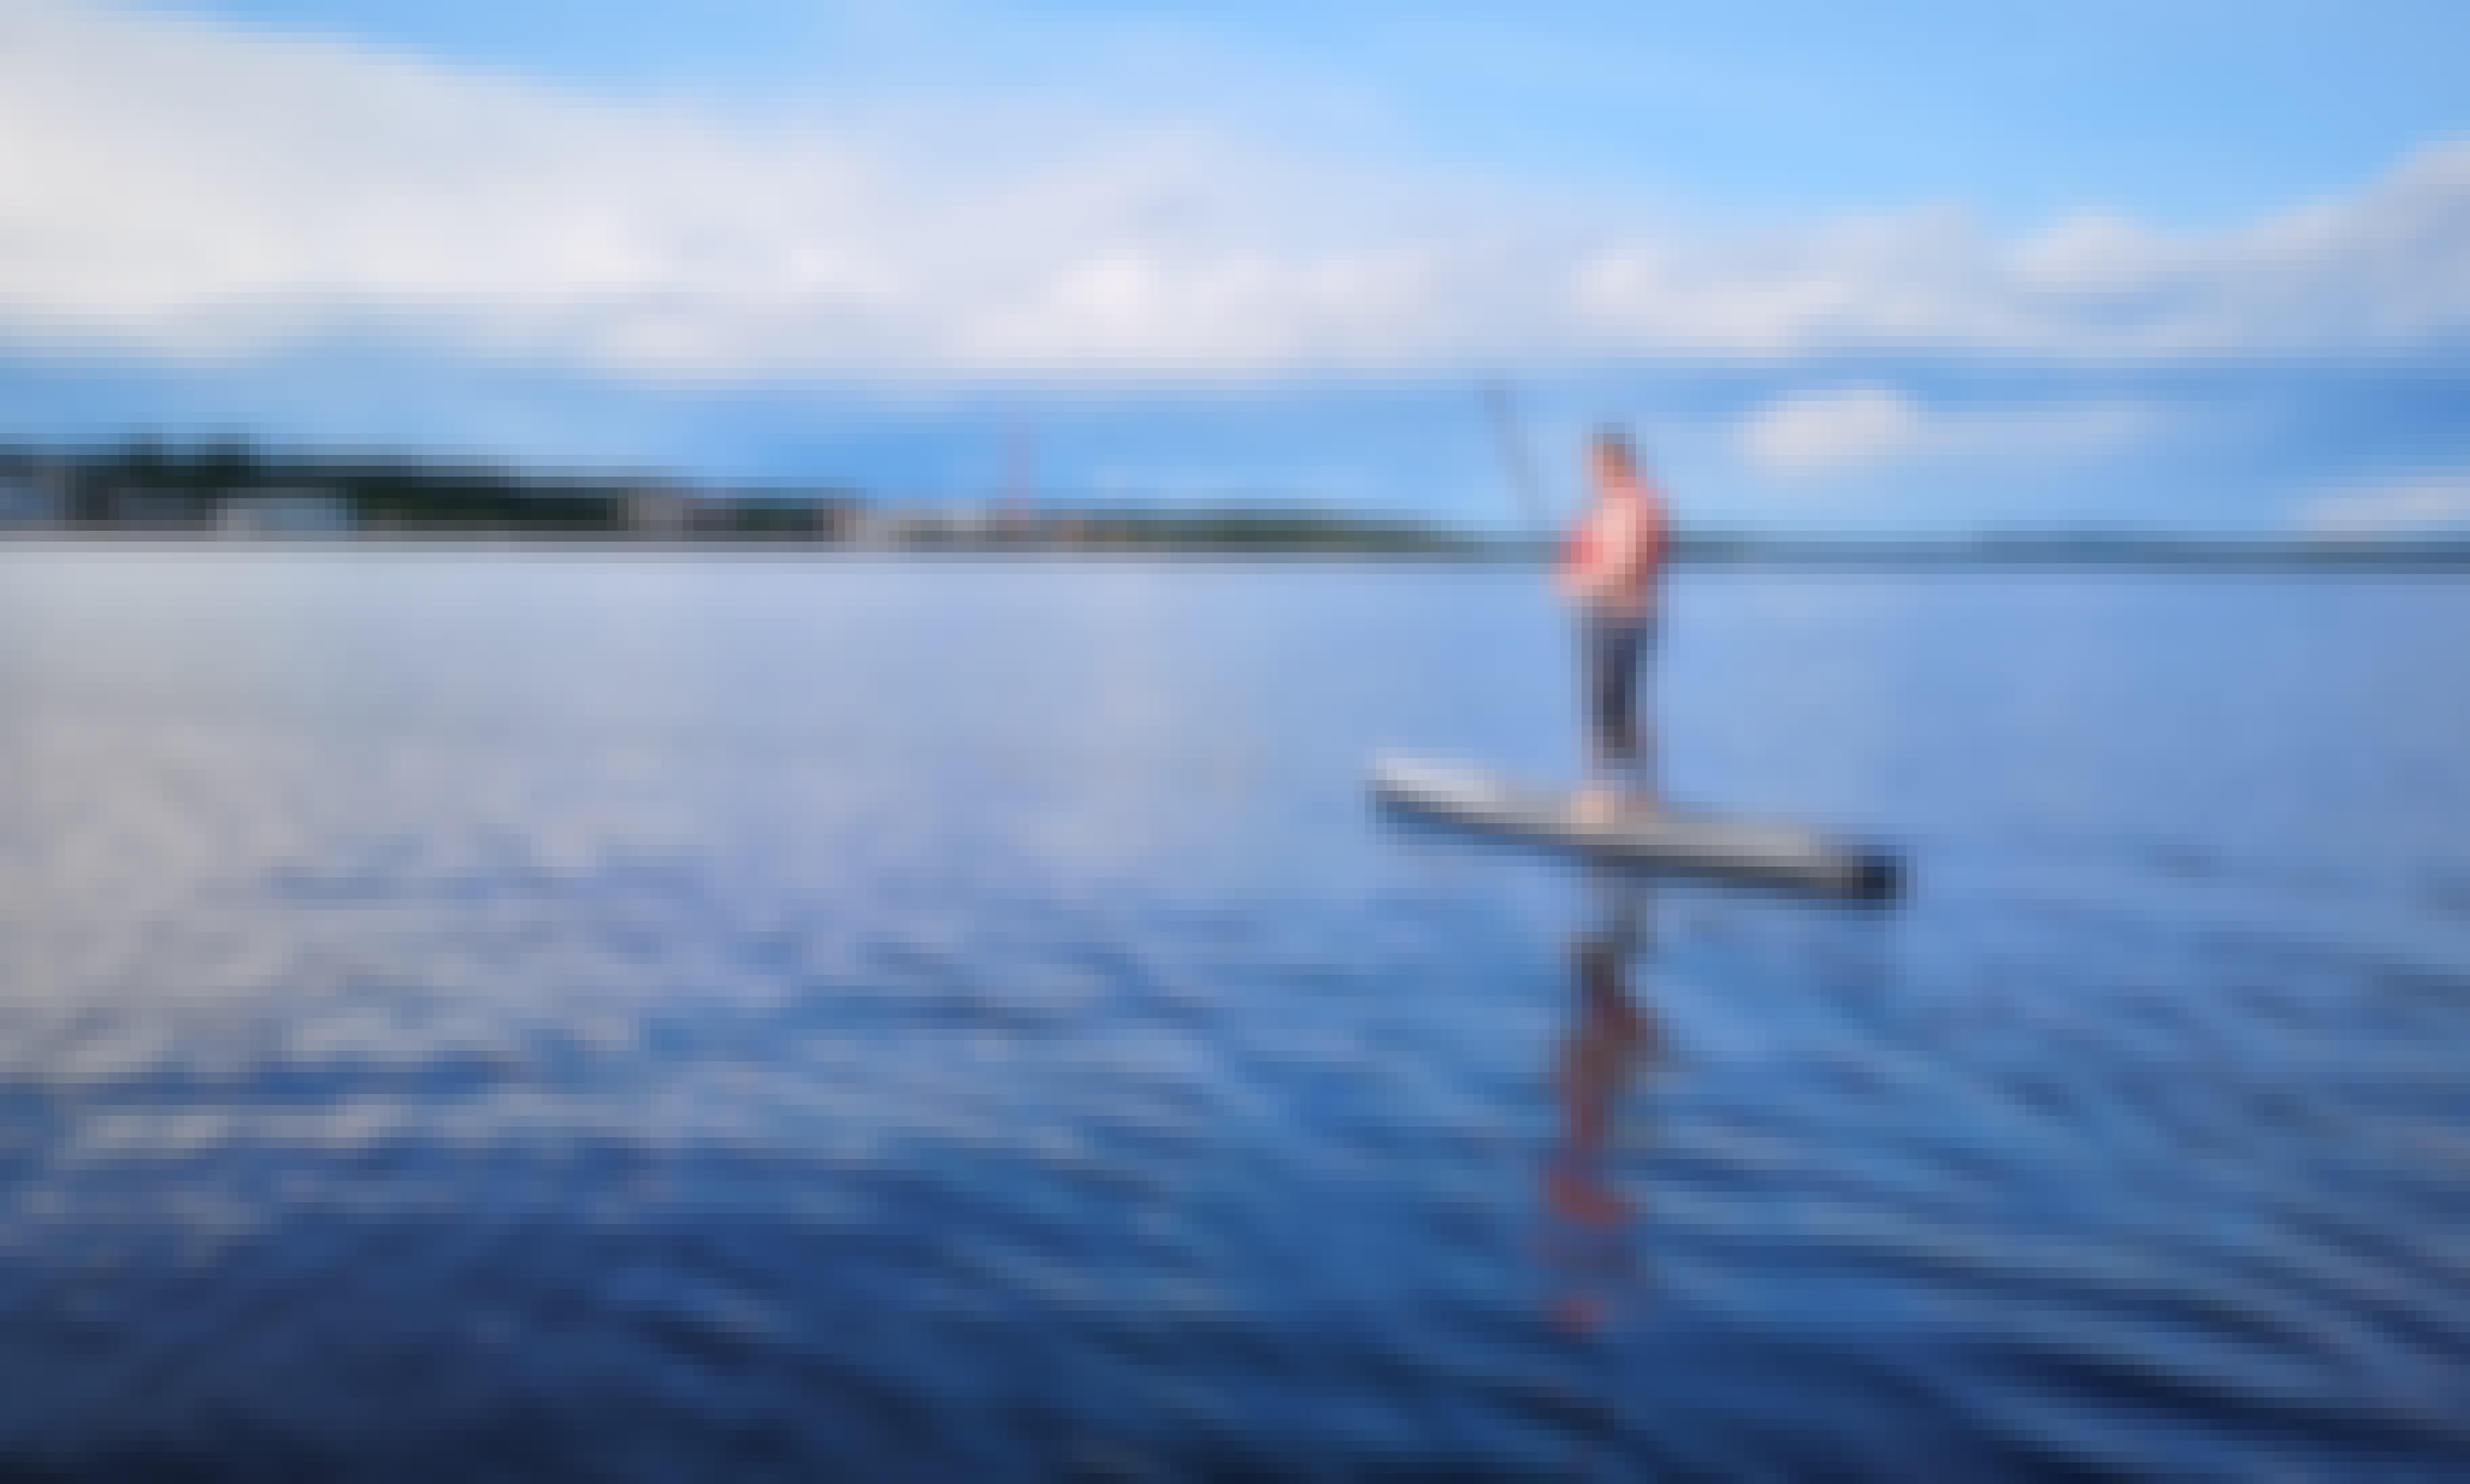 SUP Rental in Jyväskylä